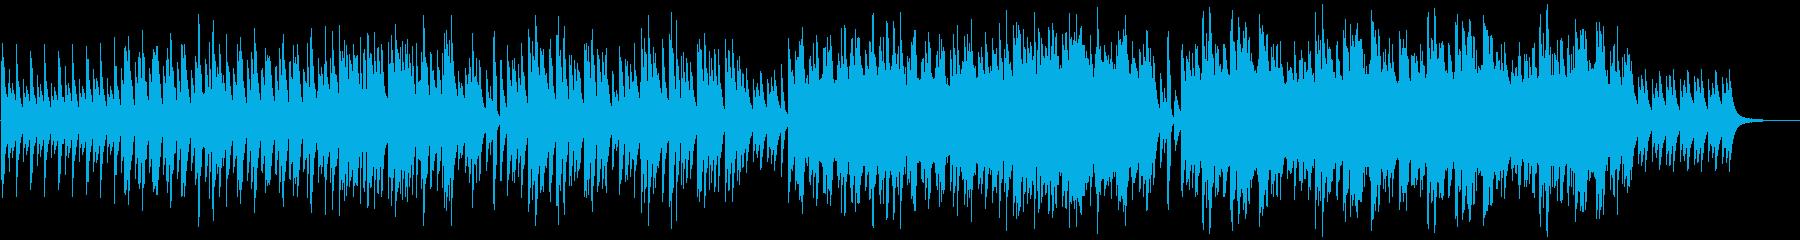 【感動的】結婚式のエンドロールで流れる曲の再生済みの波形